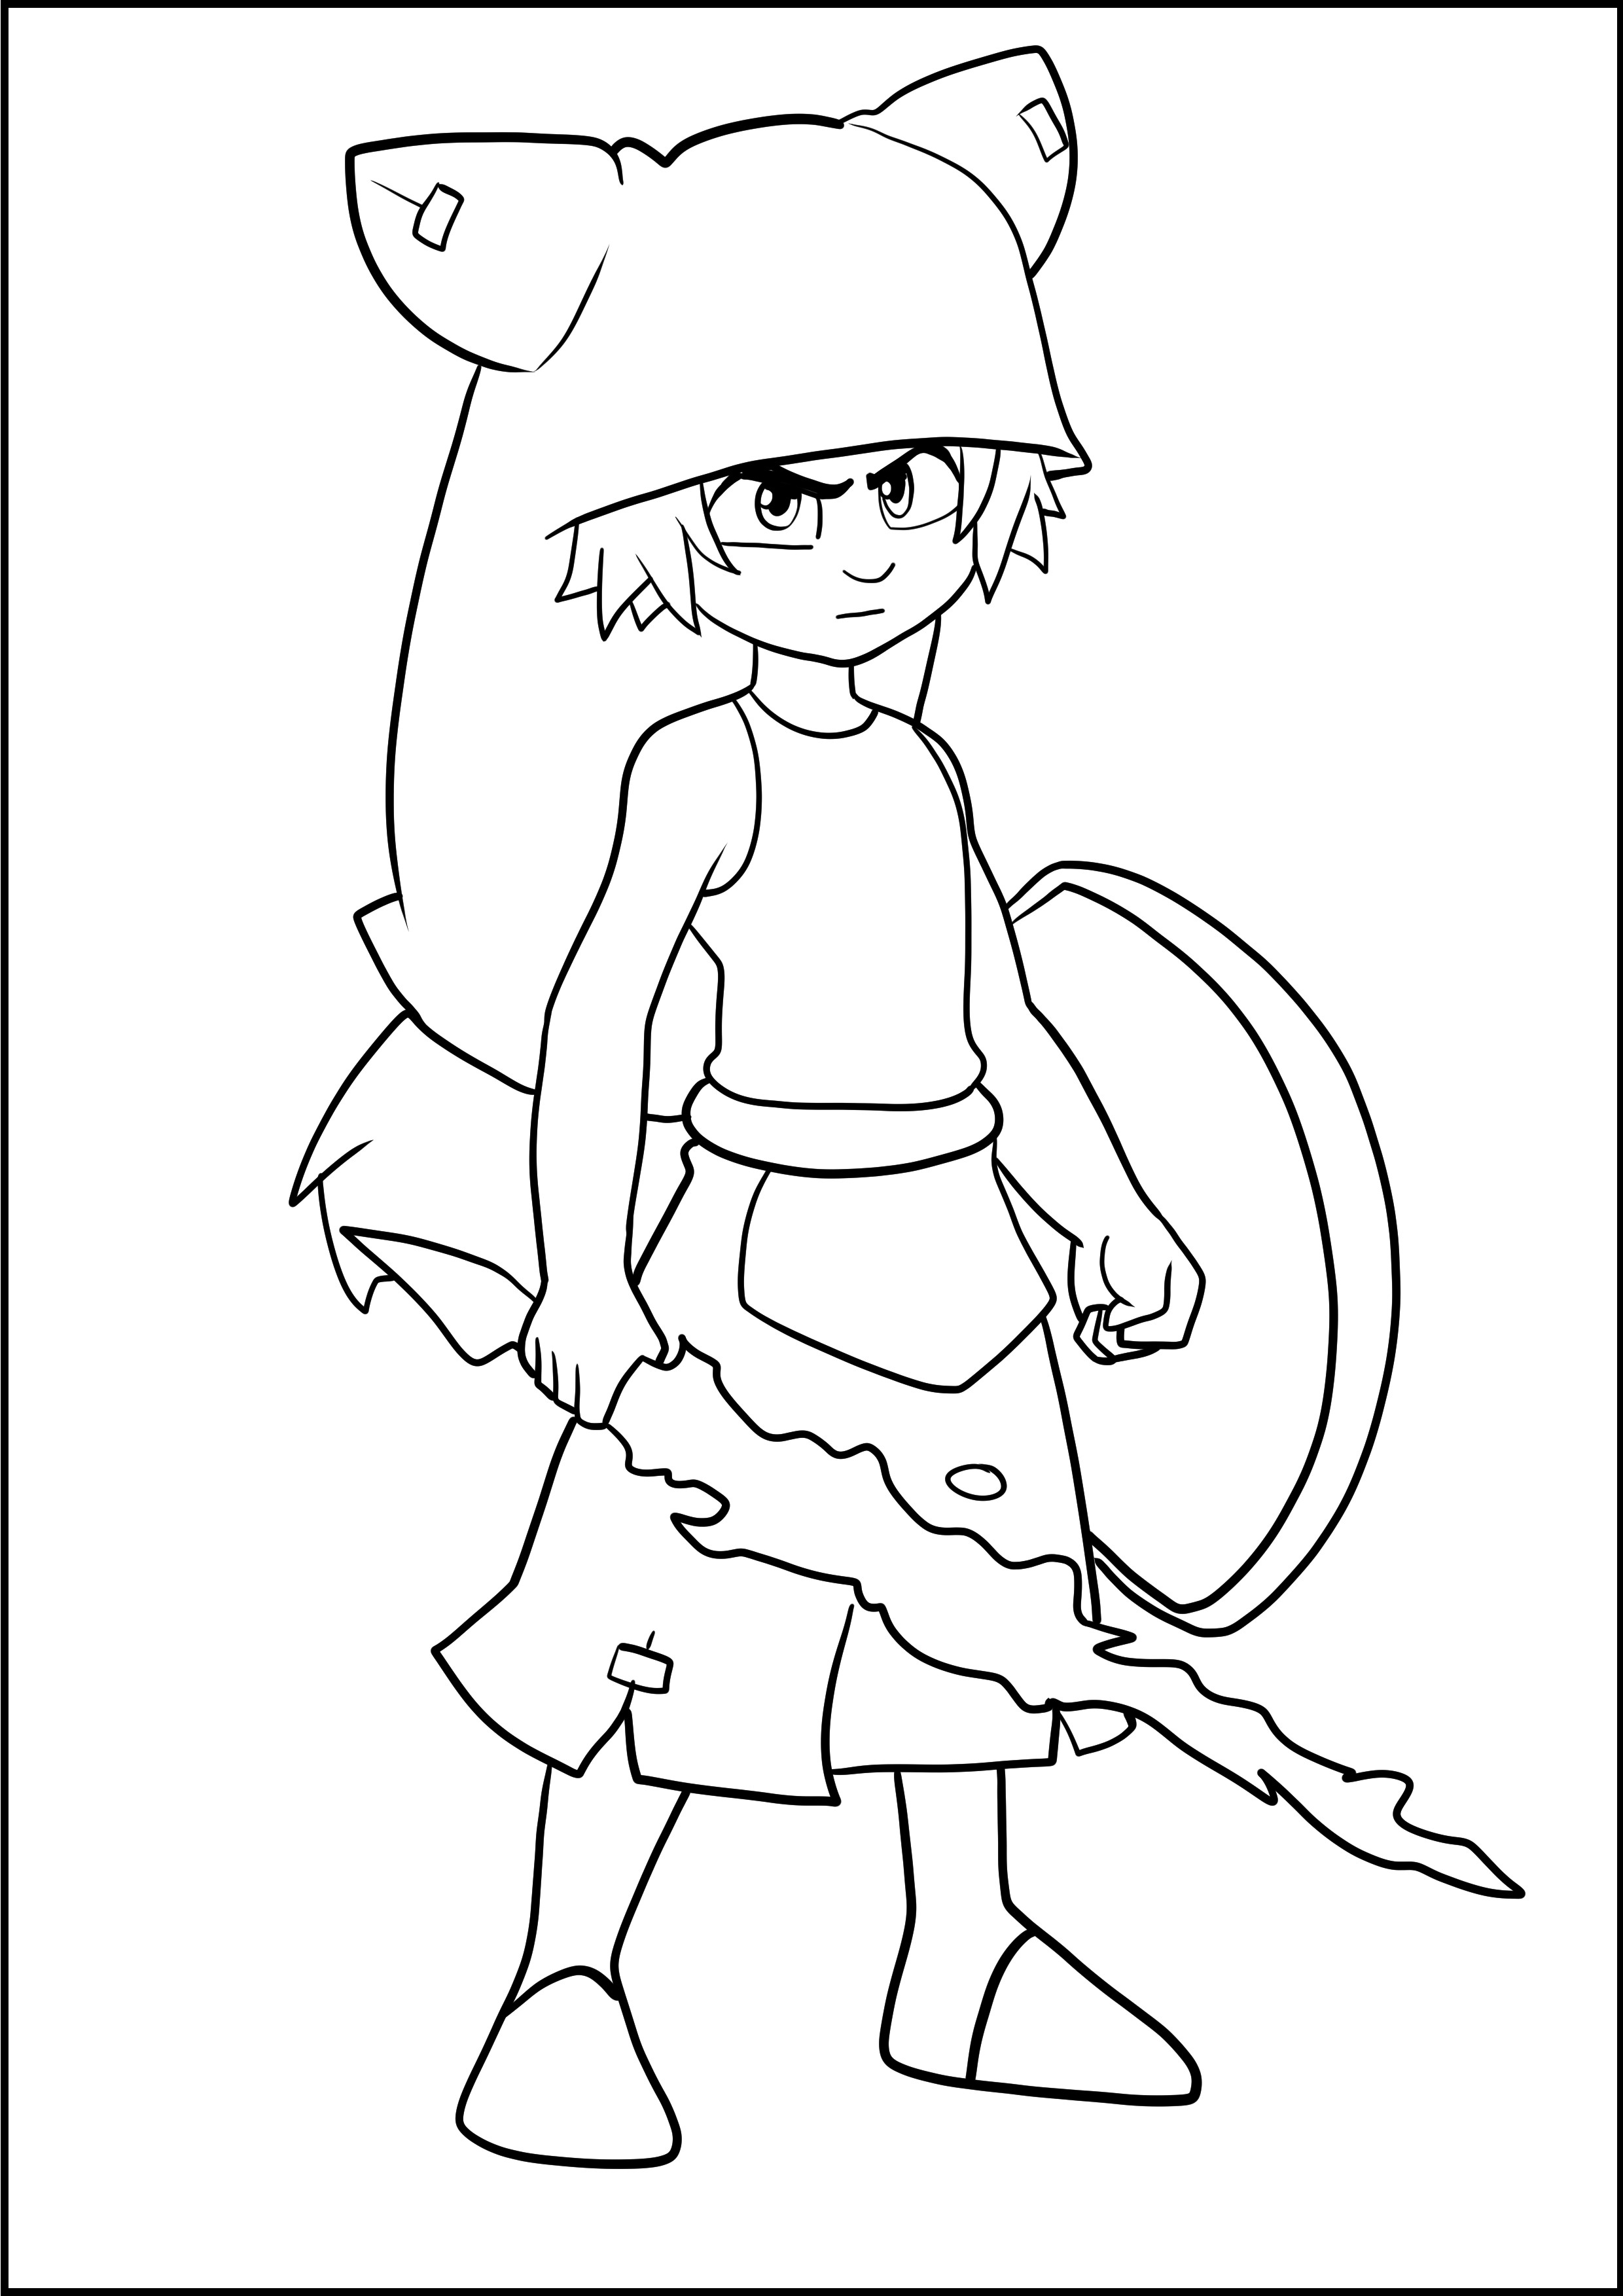 Desenho de Yugo de Wakfu para imprimir e colorir